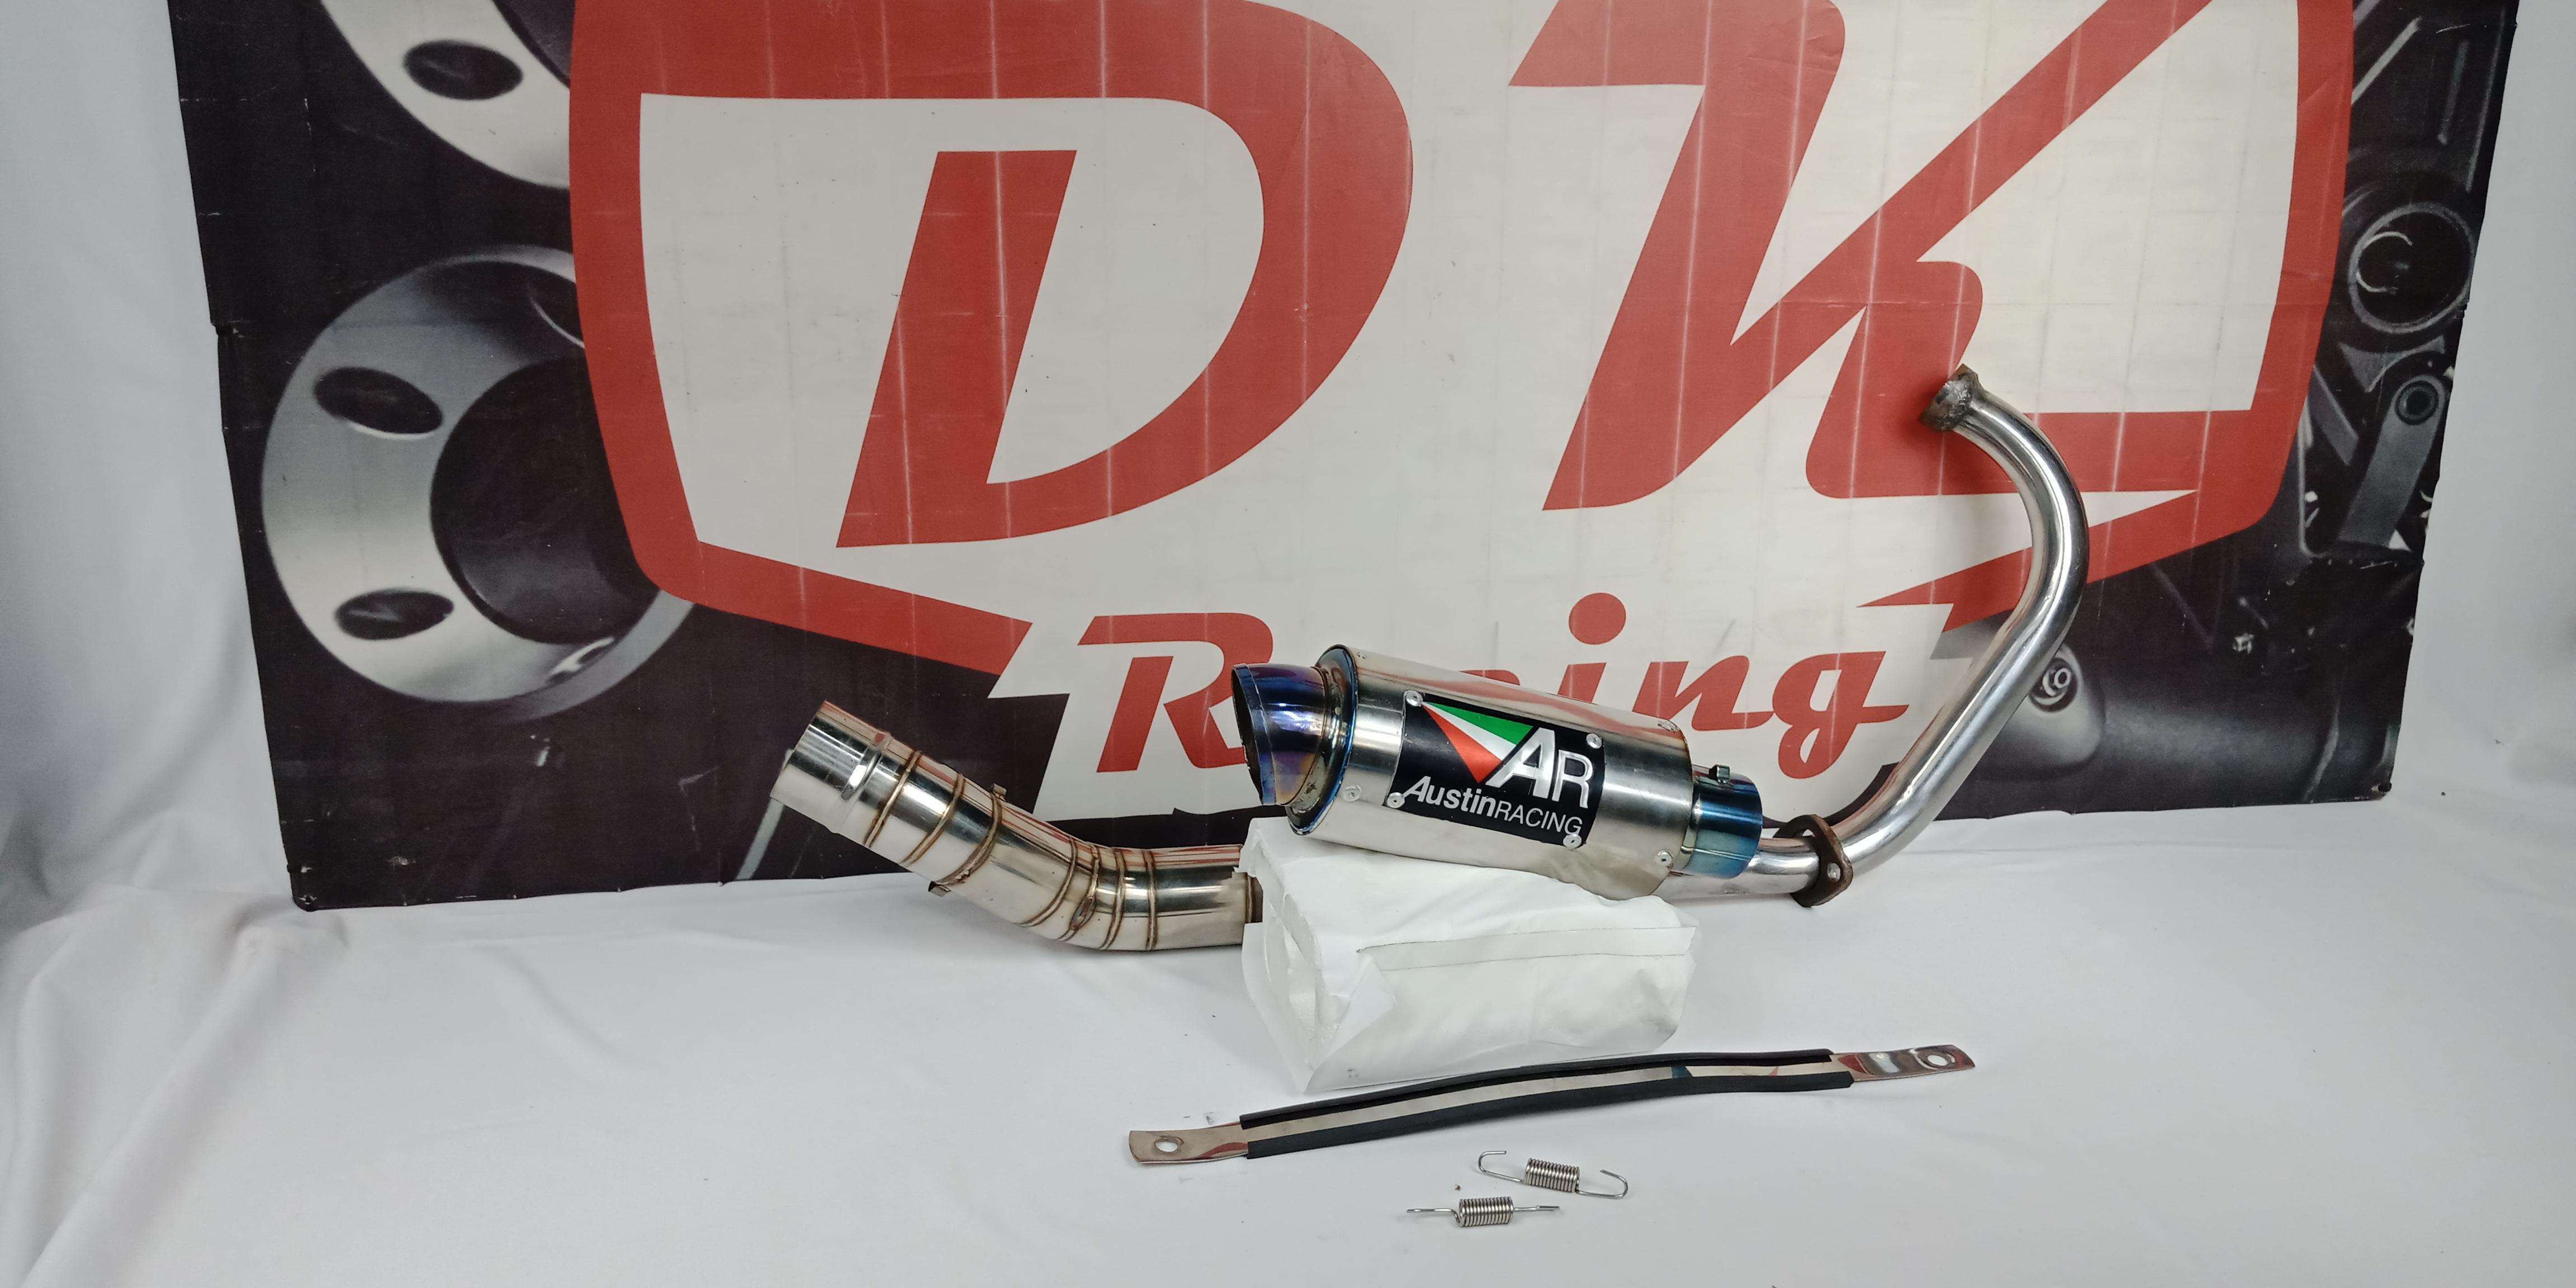 Knalpot Racing Honda Sonic 150 Austin Racing Halfblue By Dk Racing Bekasi.